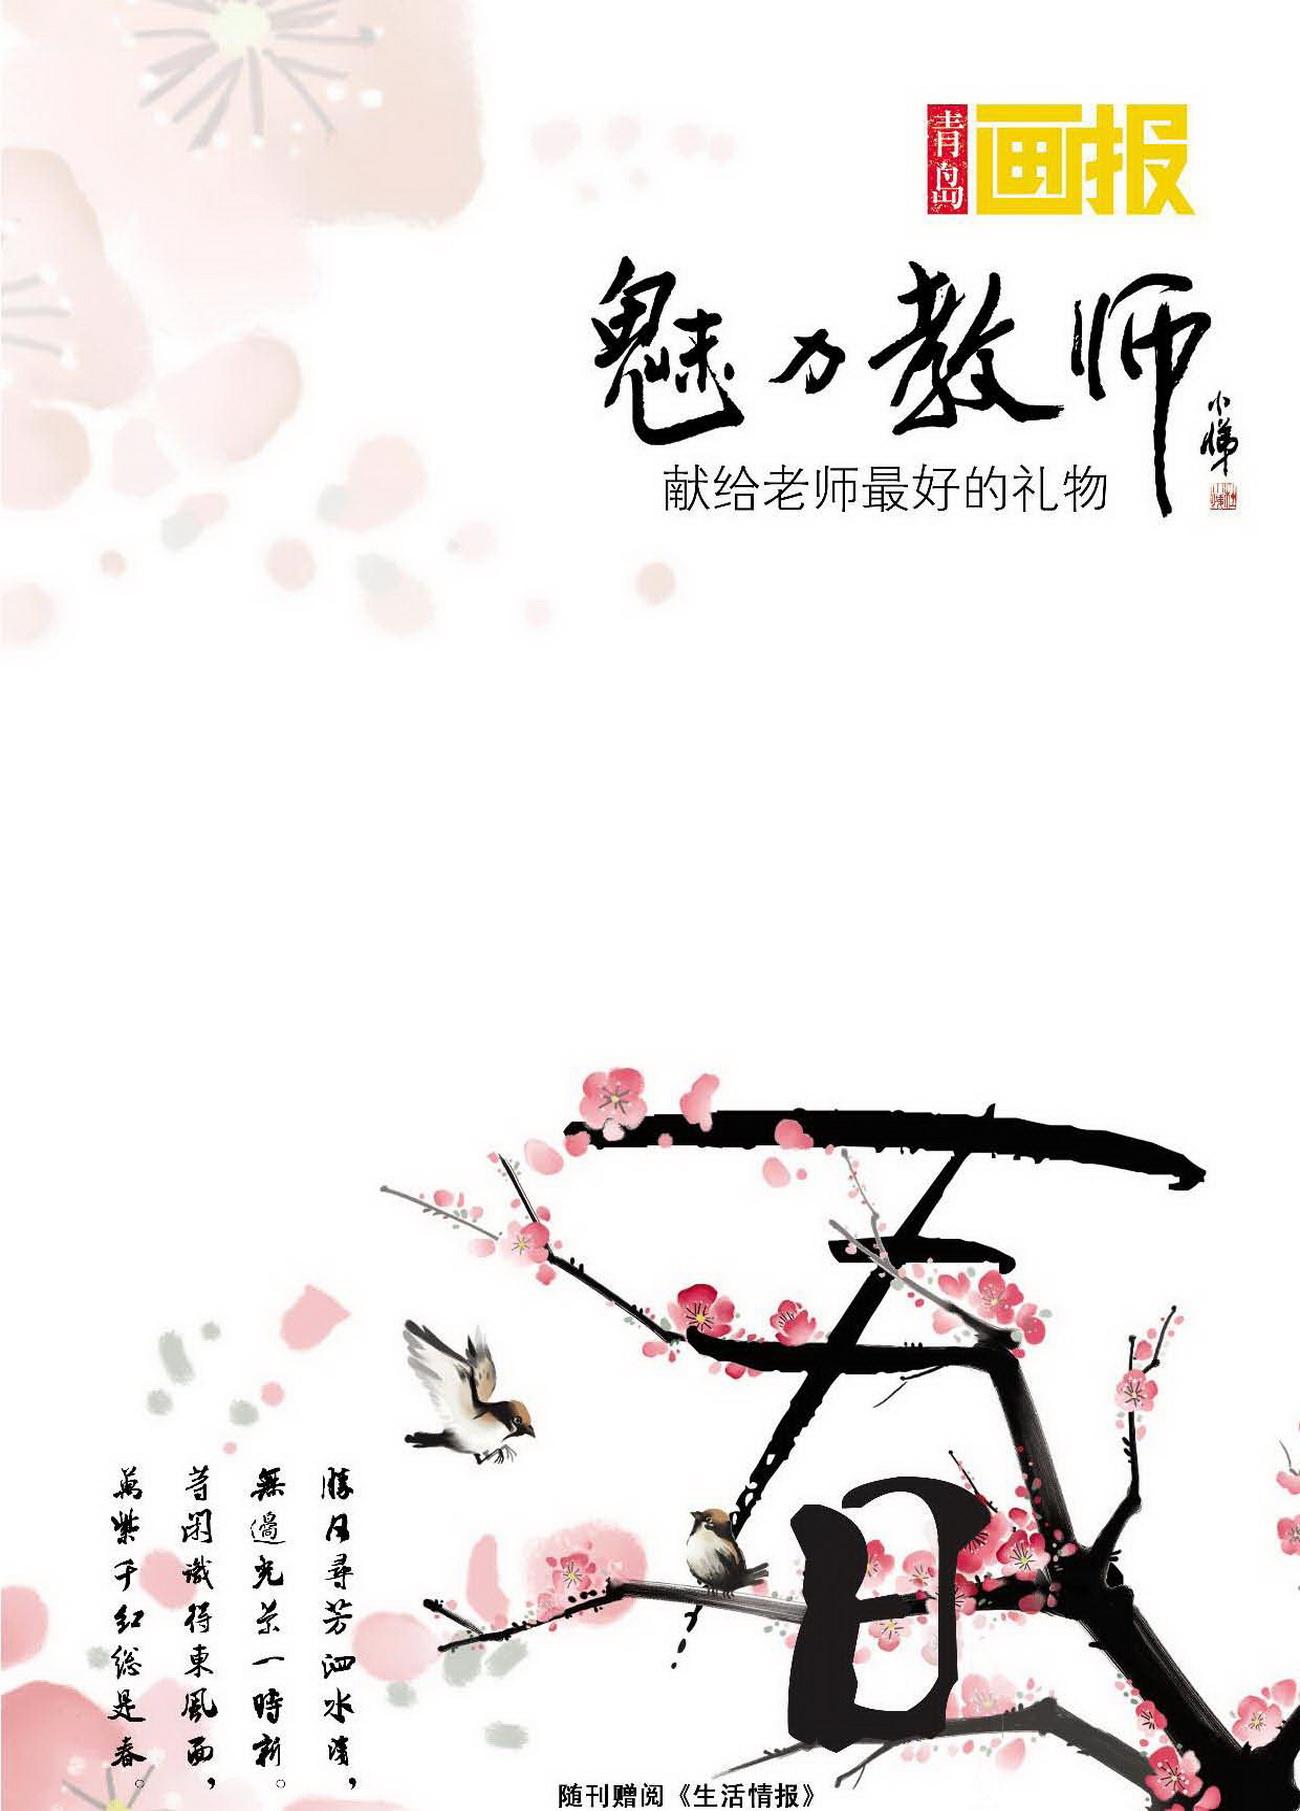 《青岛画报·魅力教师》2010年第4期电子刊